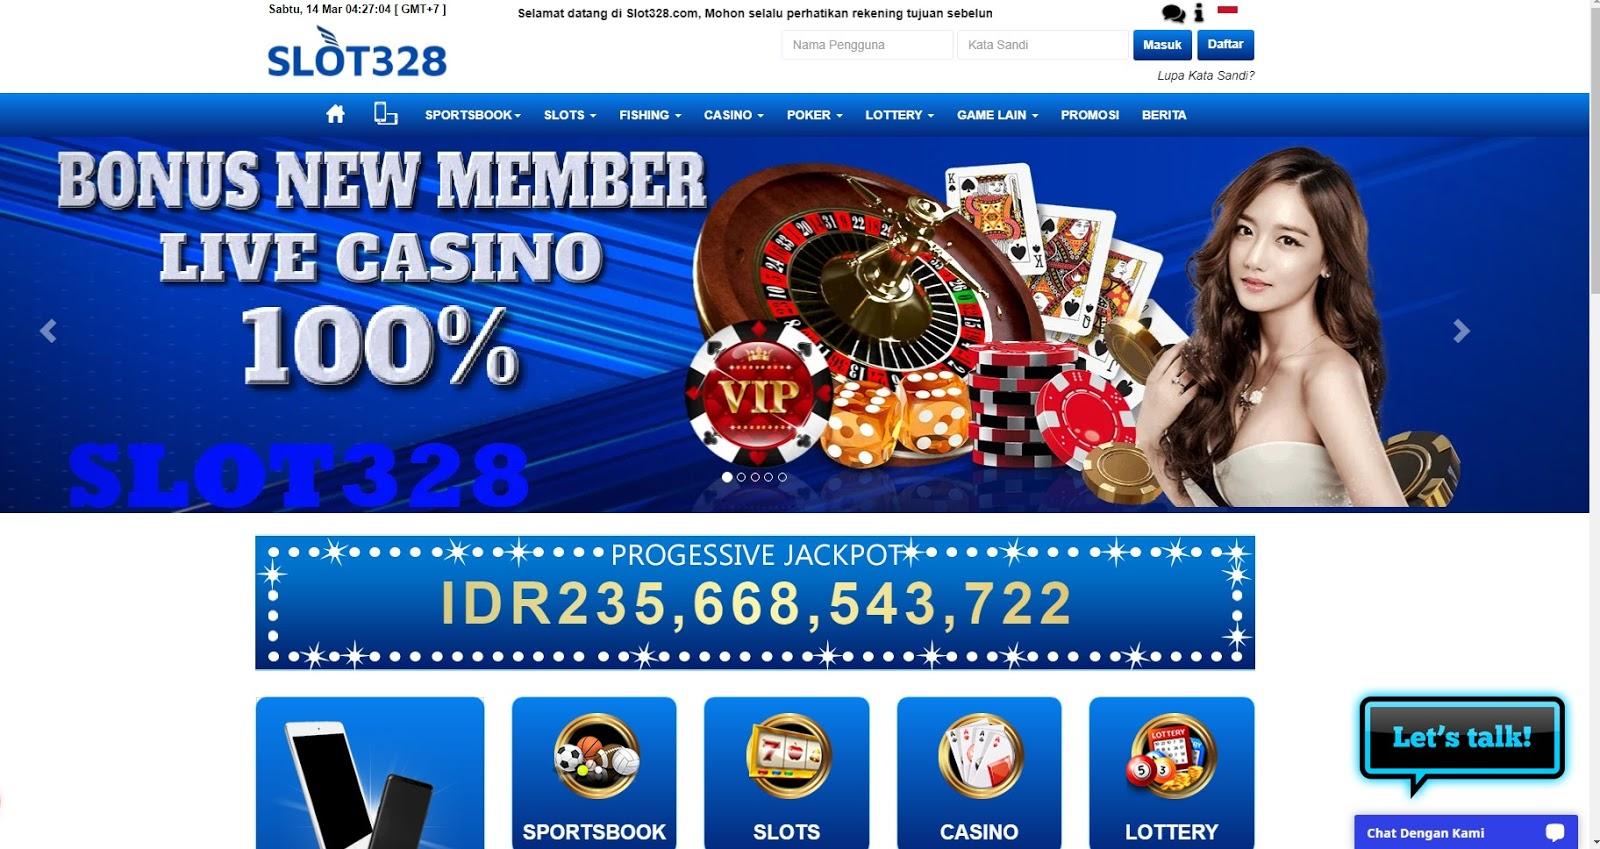 Slot328 Situs Judi Slot Online Terbaik Indonesia Majalahberita24 Prediksi Bola Akurat Dan Terkini Berita Terupdate